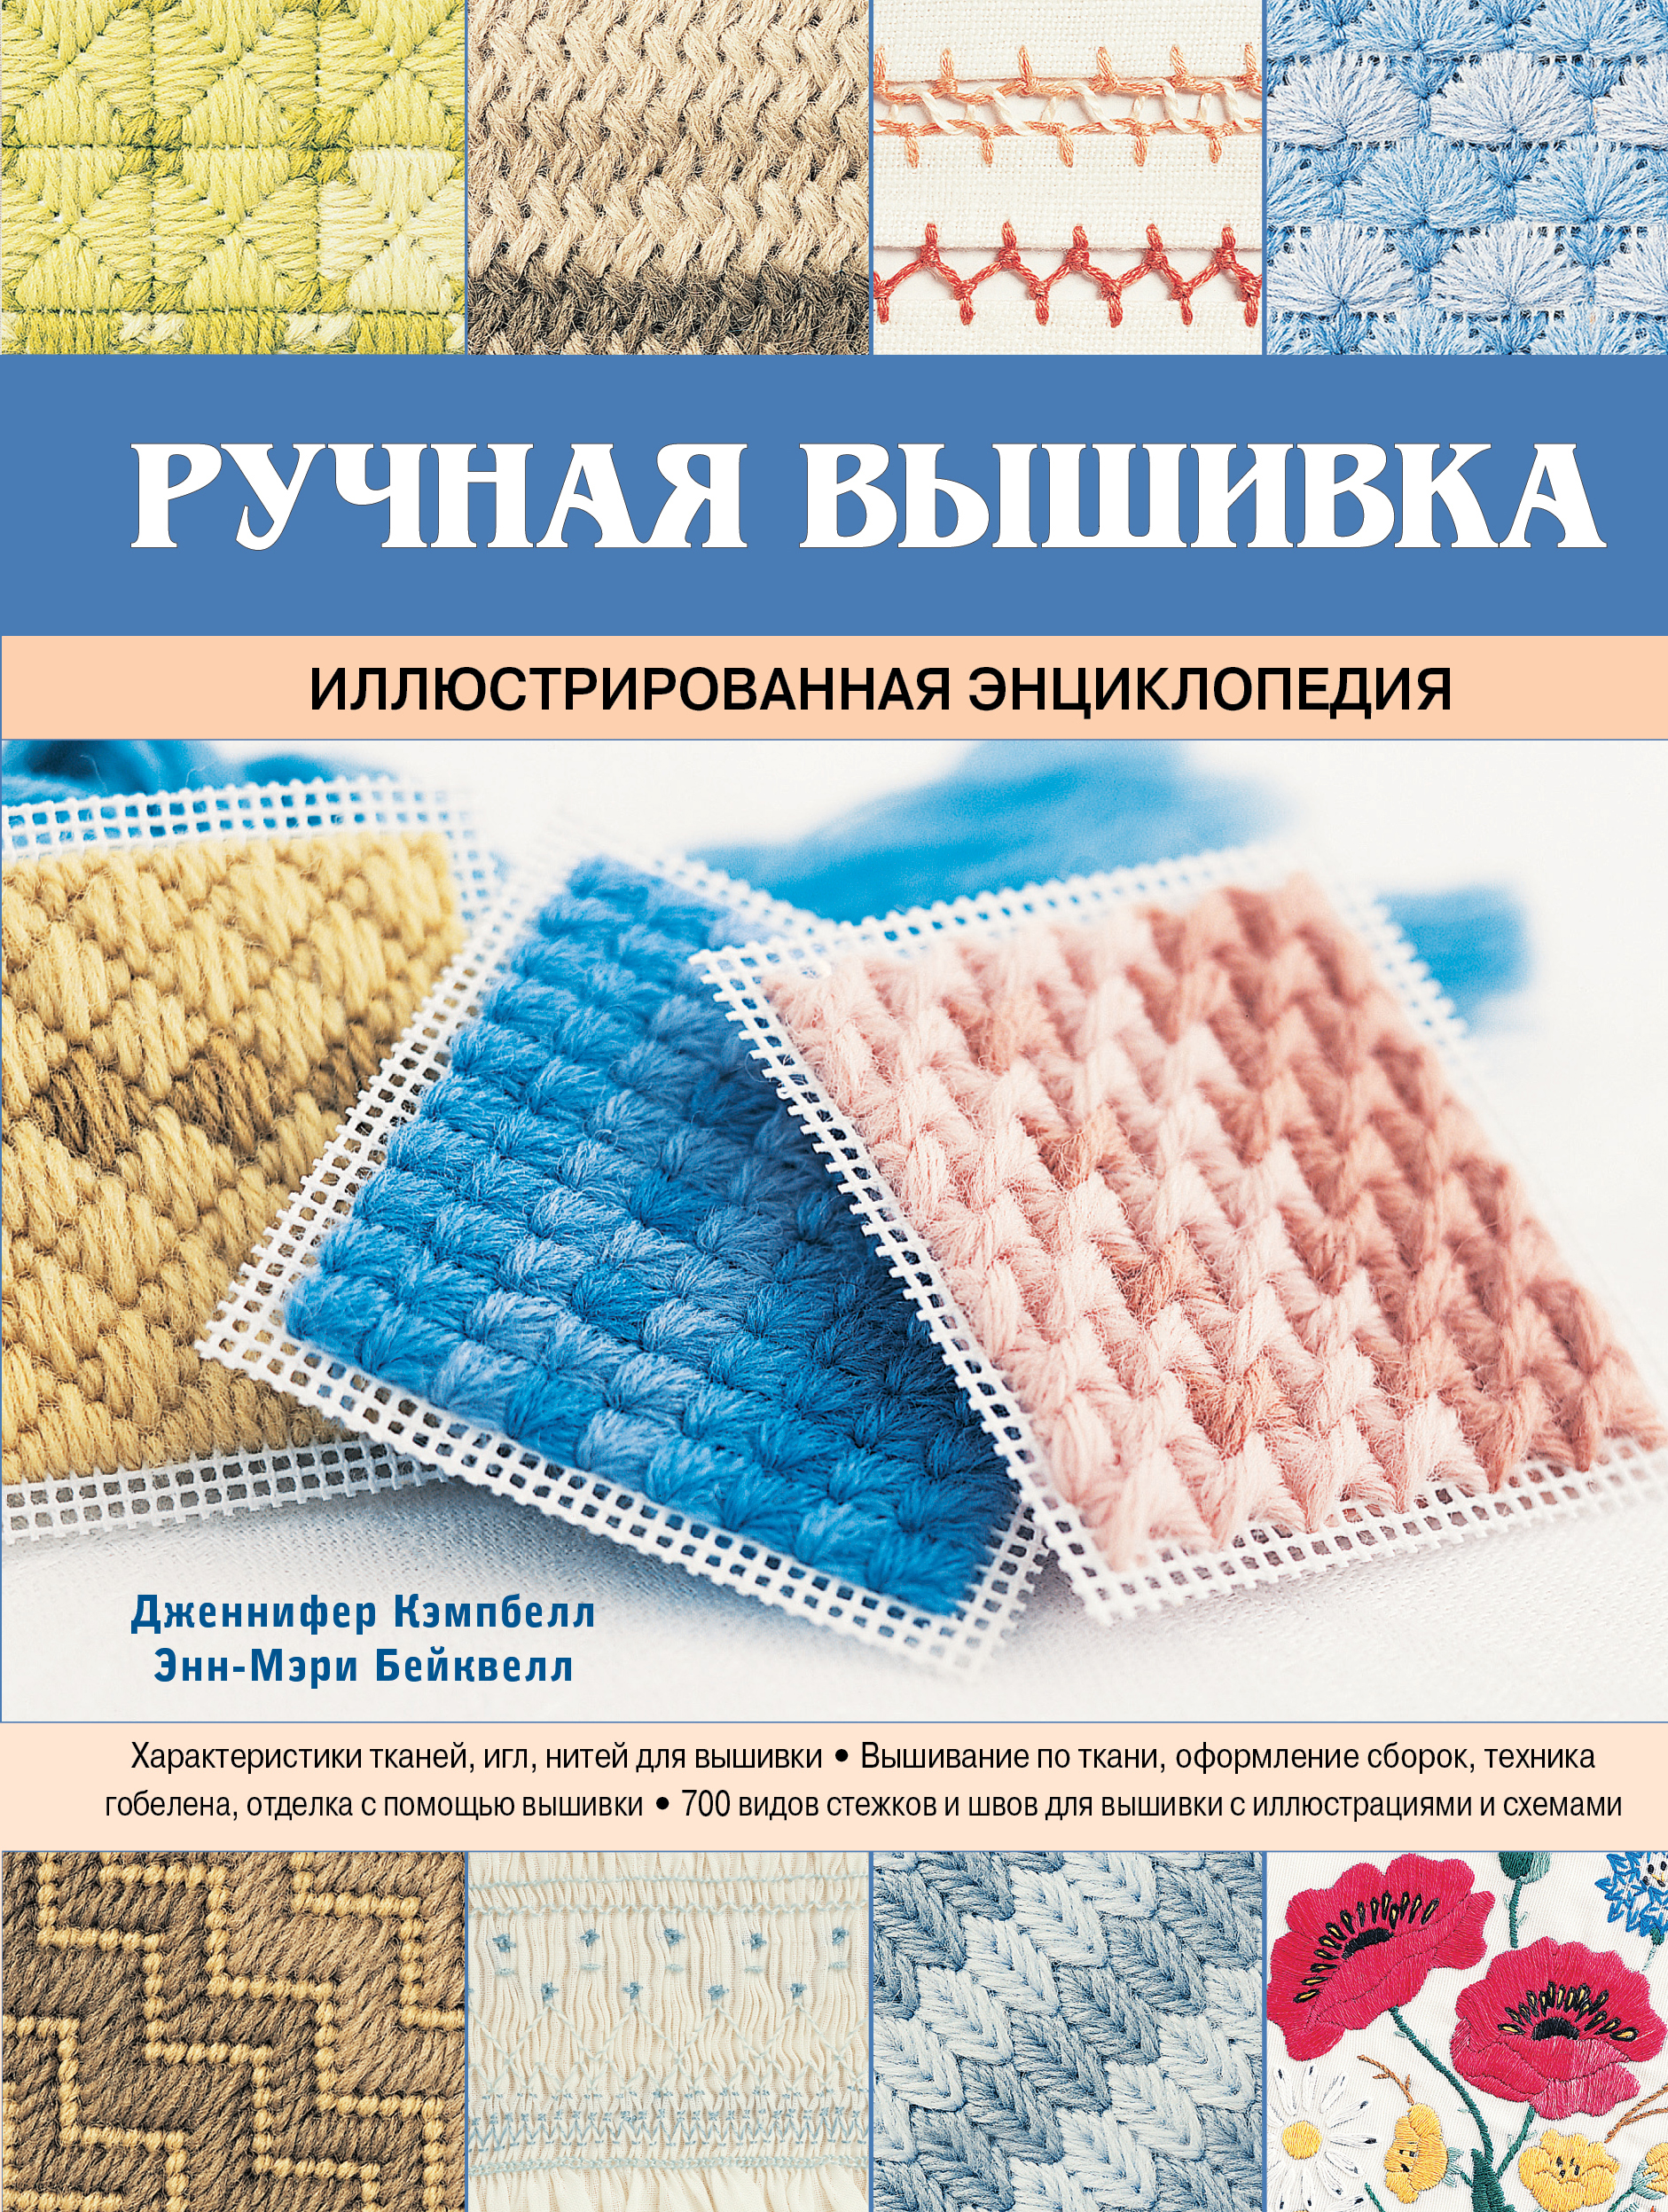 Ручная вышивка. Иллюстрированная энциклопедия от book24.ru